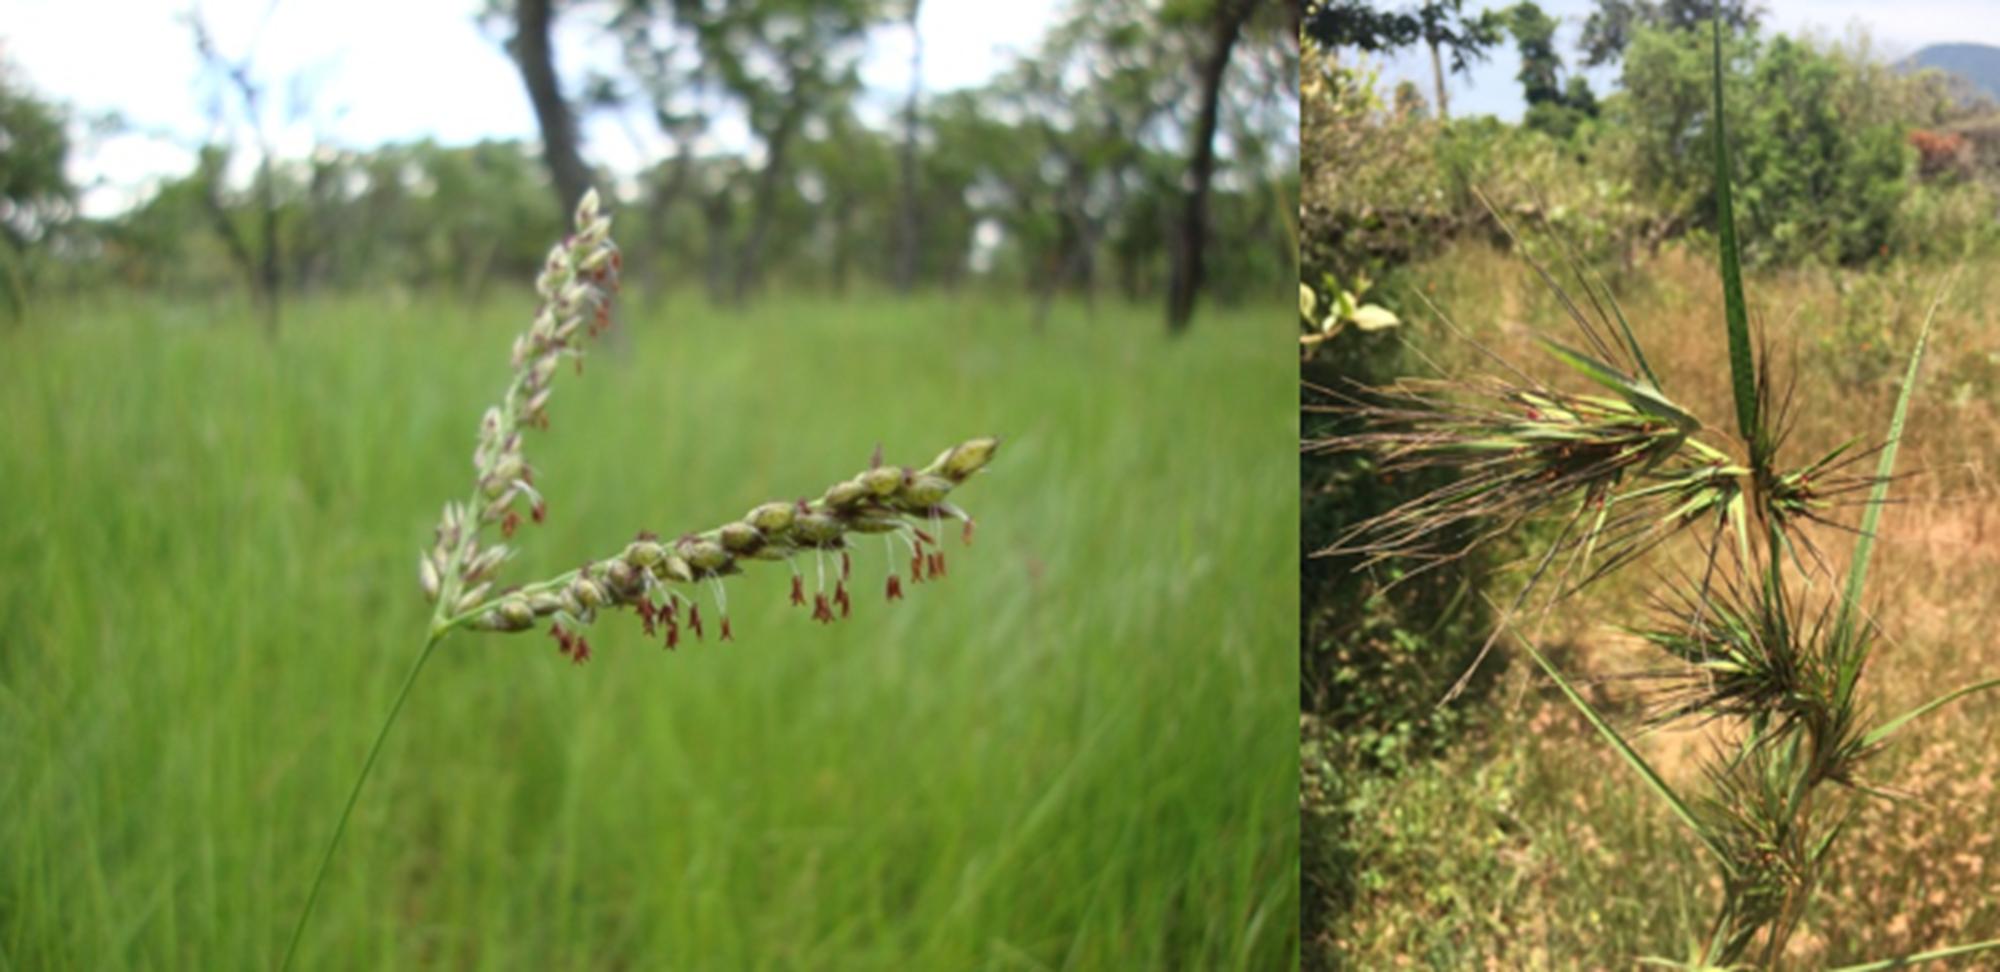 Wildgras stielt Gene von Nachbarpflanzen